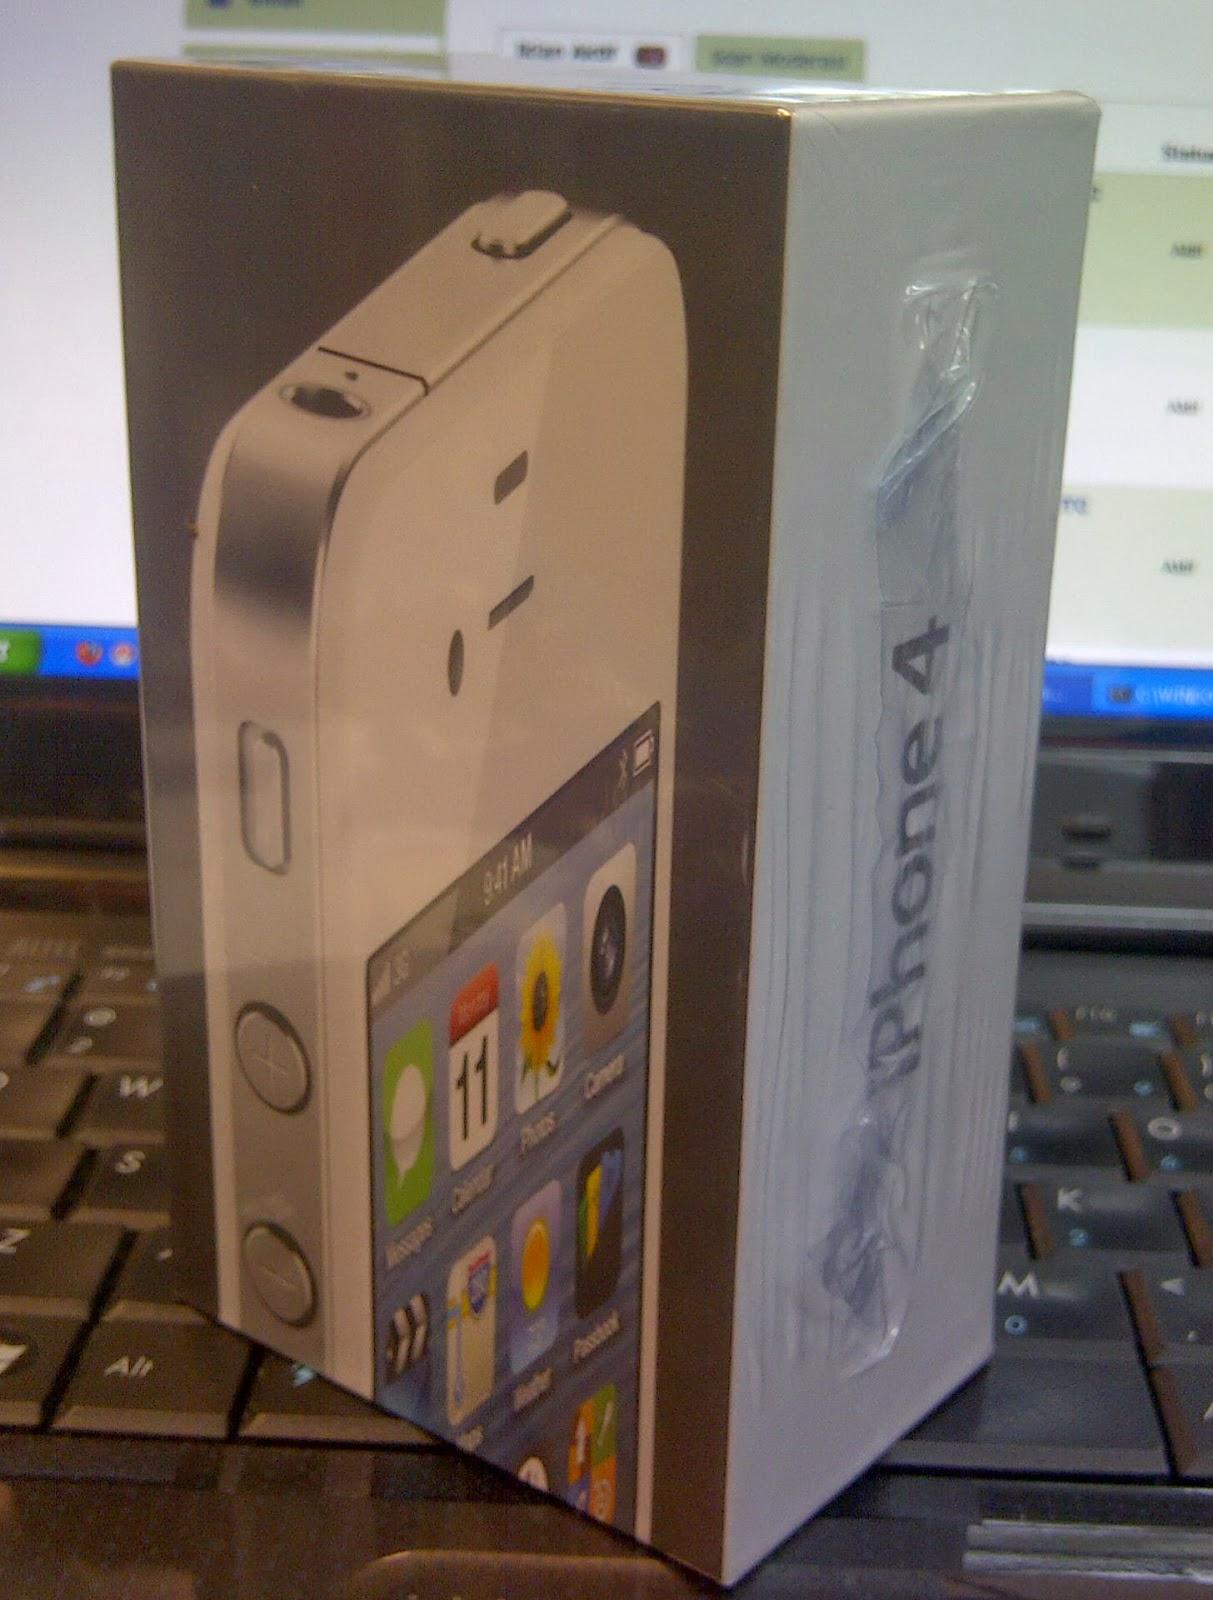 HP Murah Jakarta Alfacell IPHONE 4S MURAH JAKARTA 16 32